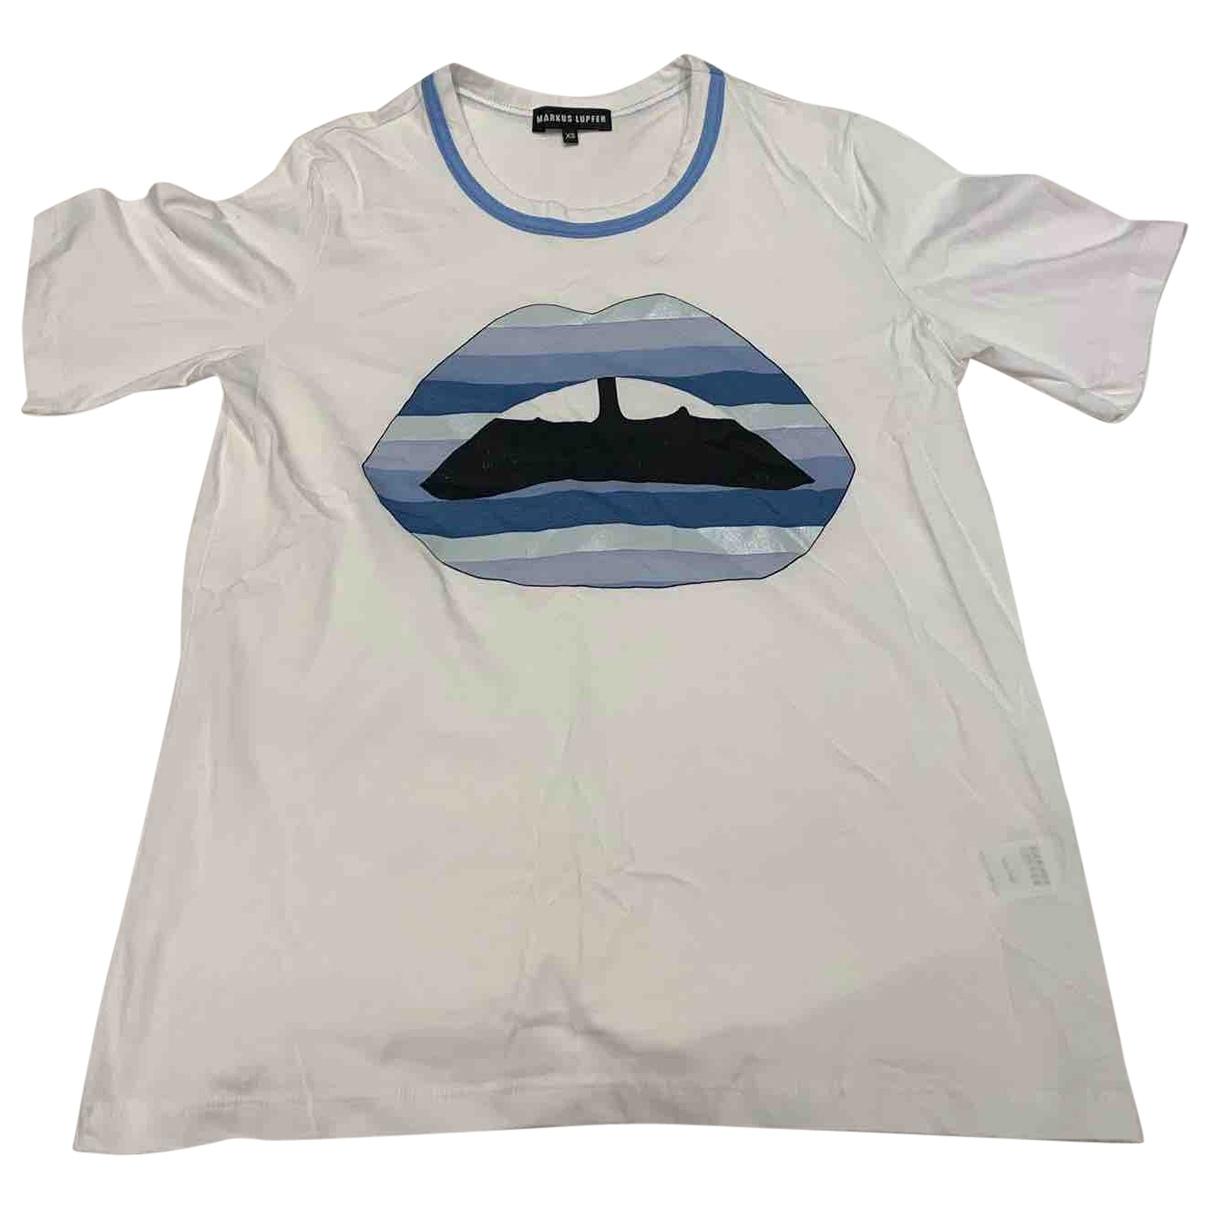 Camiseta Markus Lupfer